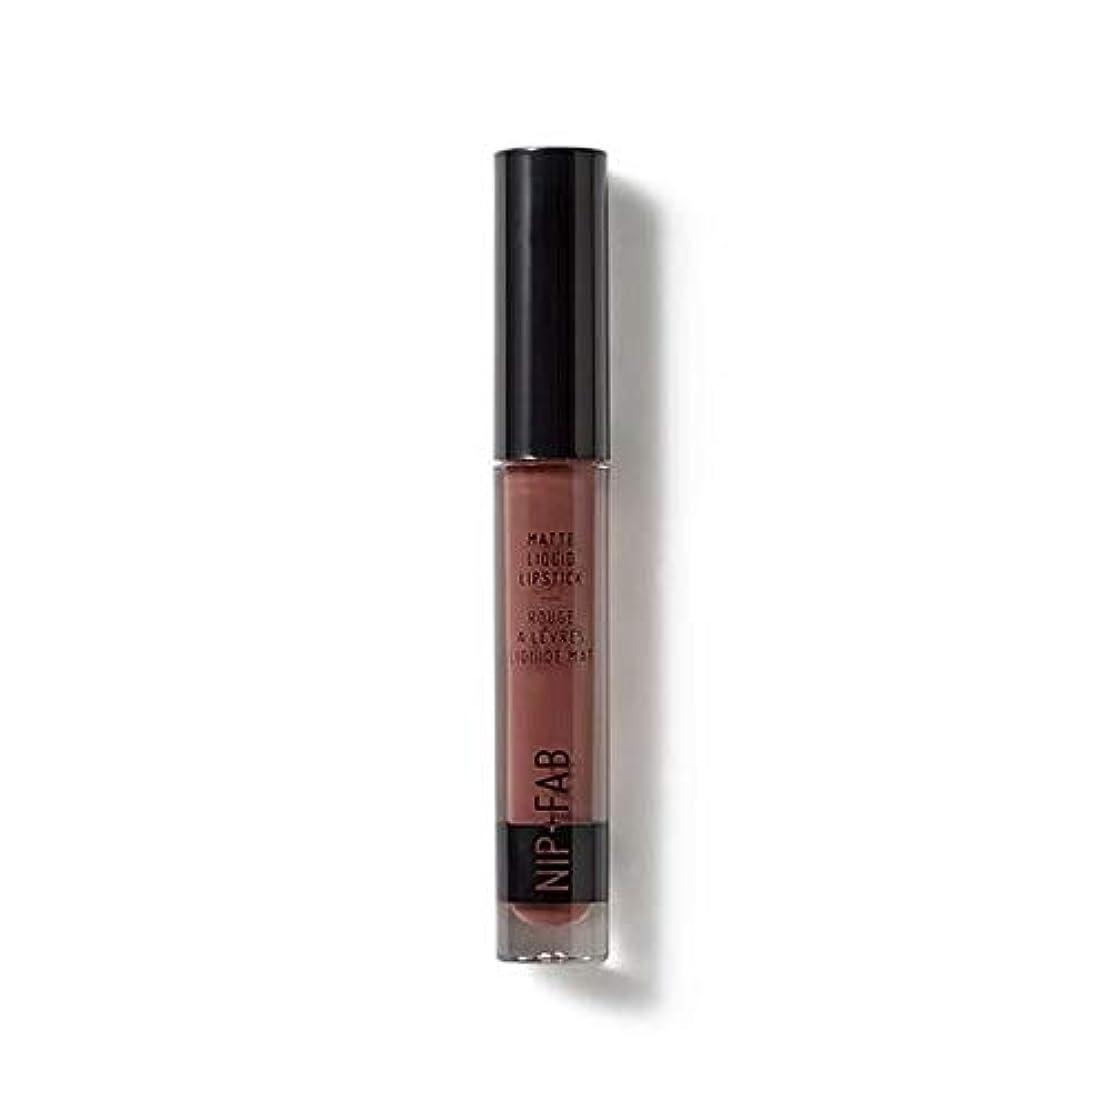 トラフィックキリスト教アパル[Nip & Fab ] マット液状口紅2.6ミリリットルブラウニー50を構成するFab +ニップ - NIP+FAB Make Up Matte Liquid Lipstick 2.6ml Brownie 50 [並行輸入品]